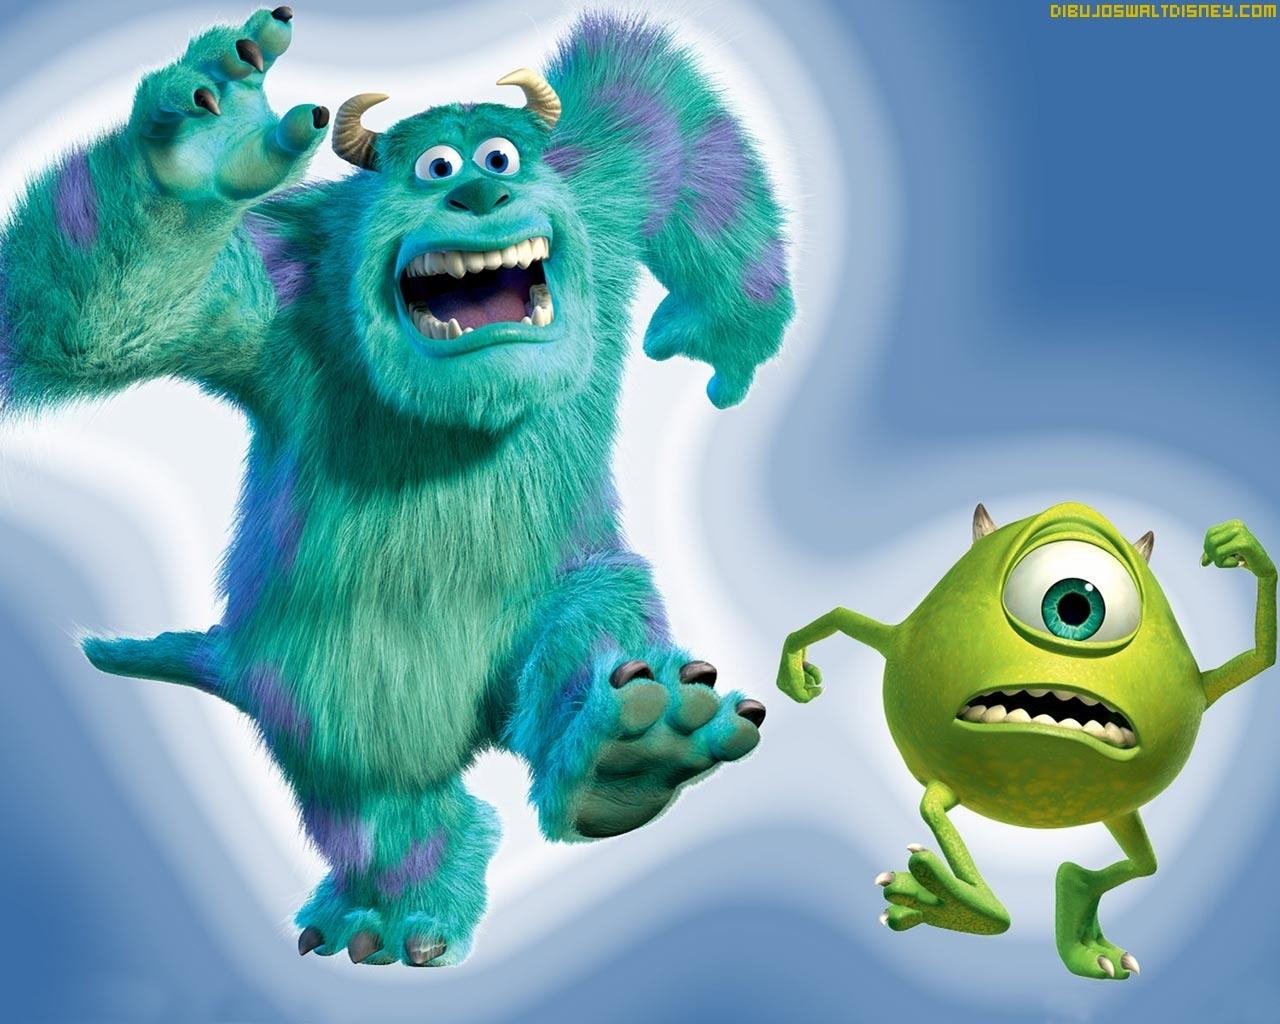 Monsters Inc en tu escitorio